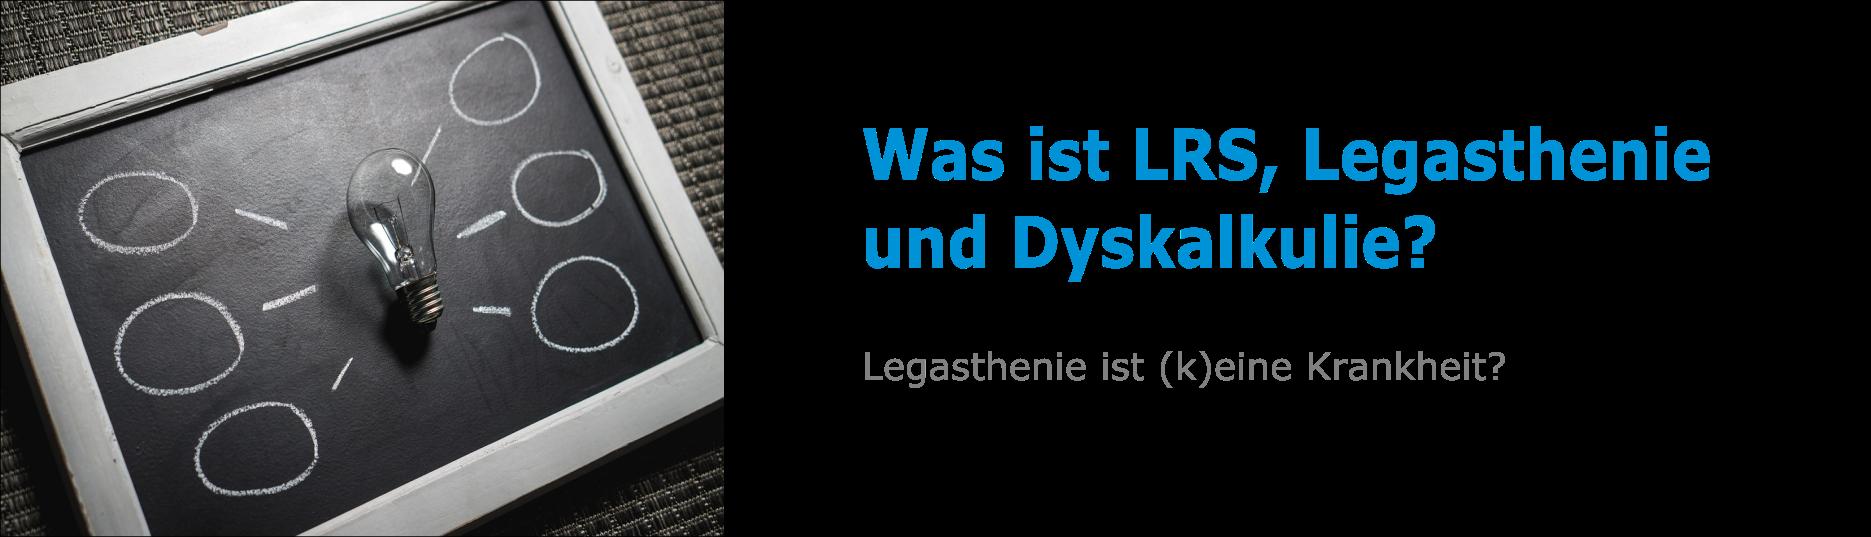 LRS und Legasthenie?